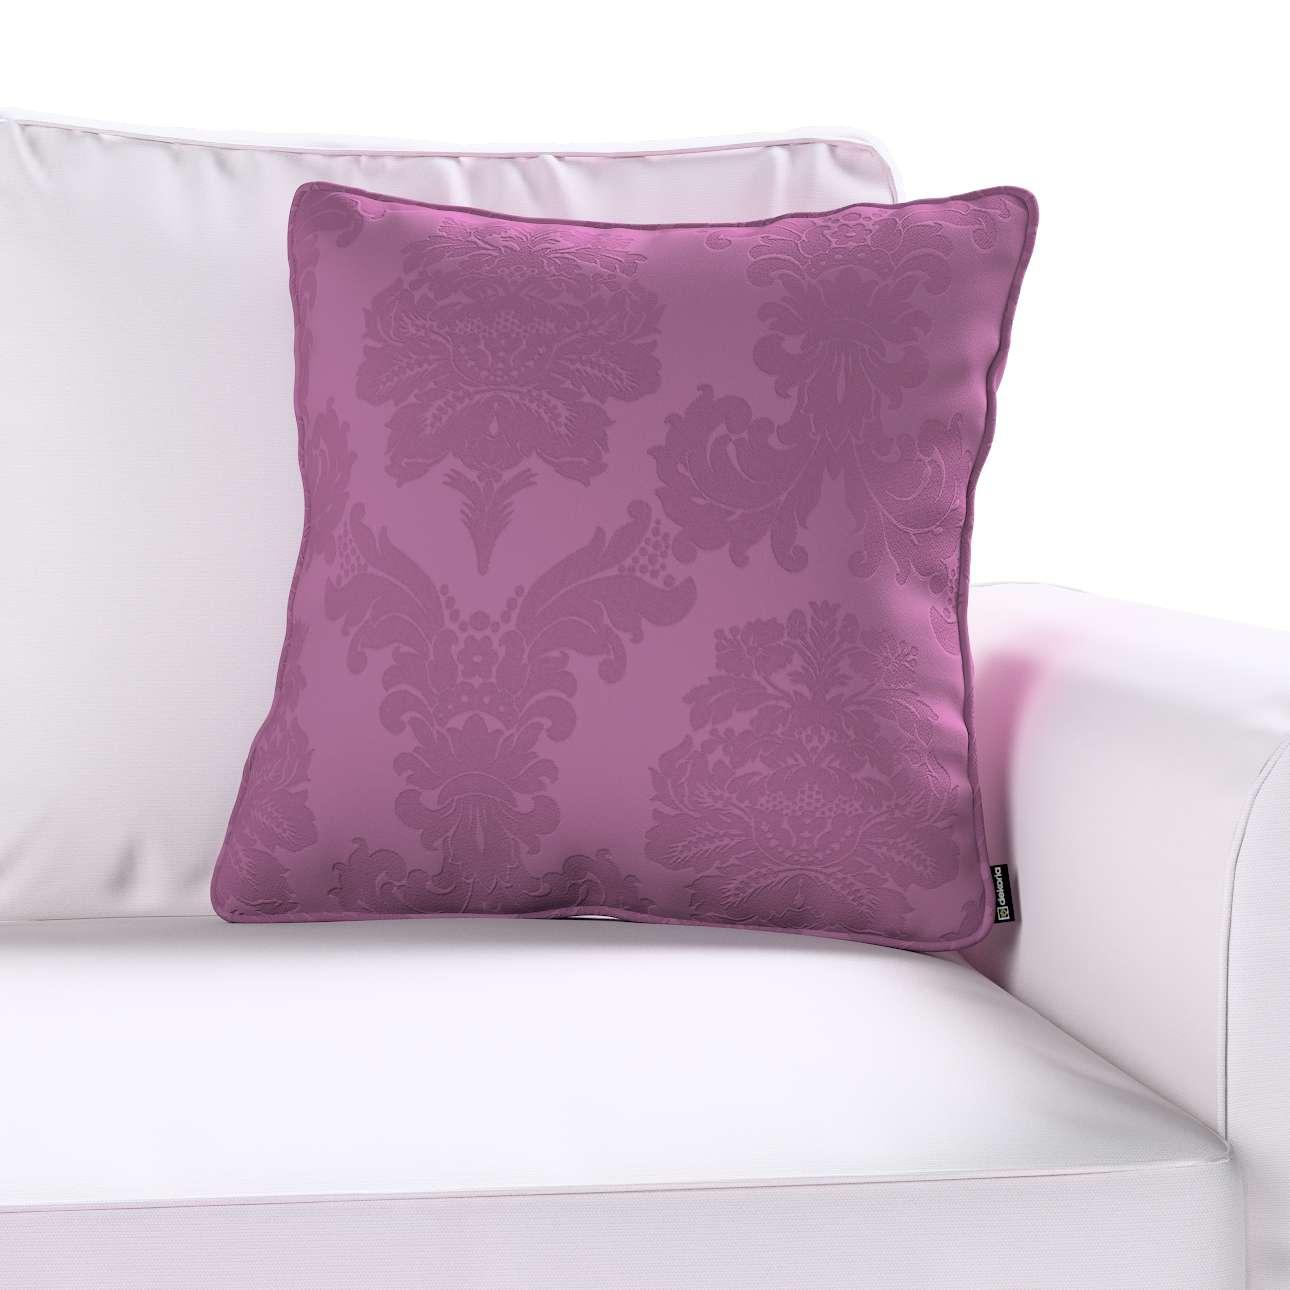 Poszewka Gabi na poduszkę 45 x 45 cm w kolekcji Damasco, tkanina: 613-75